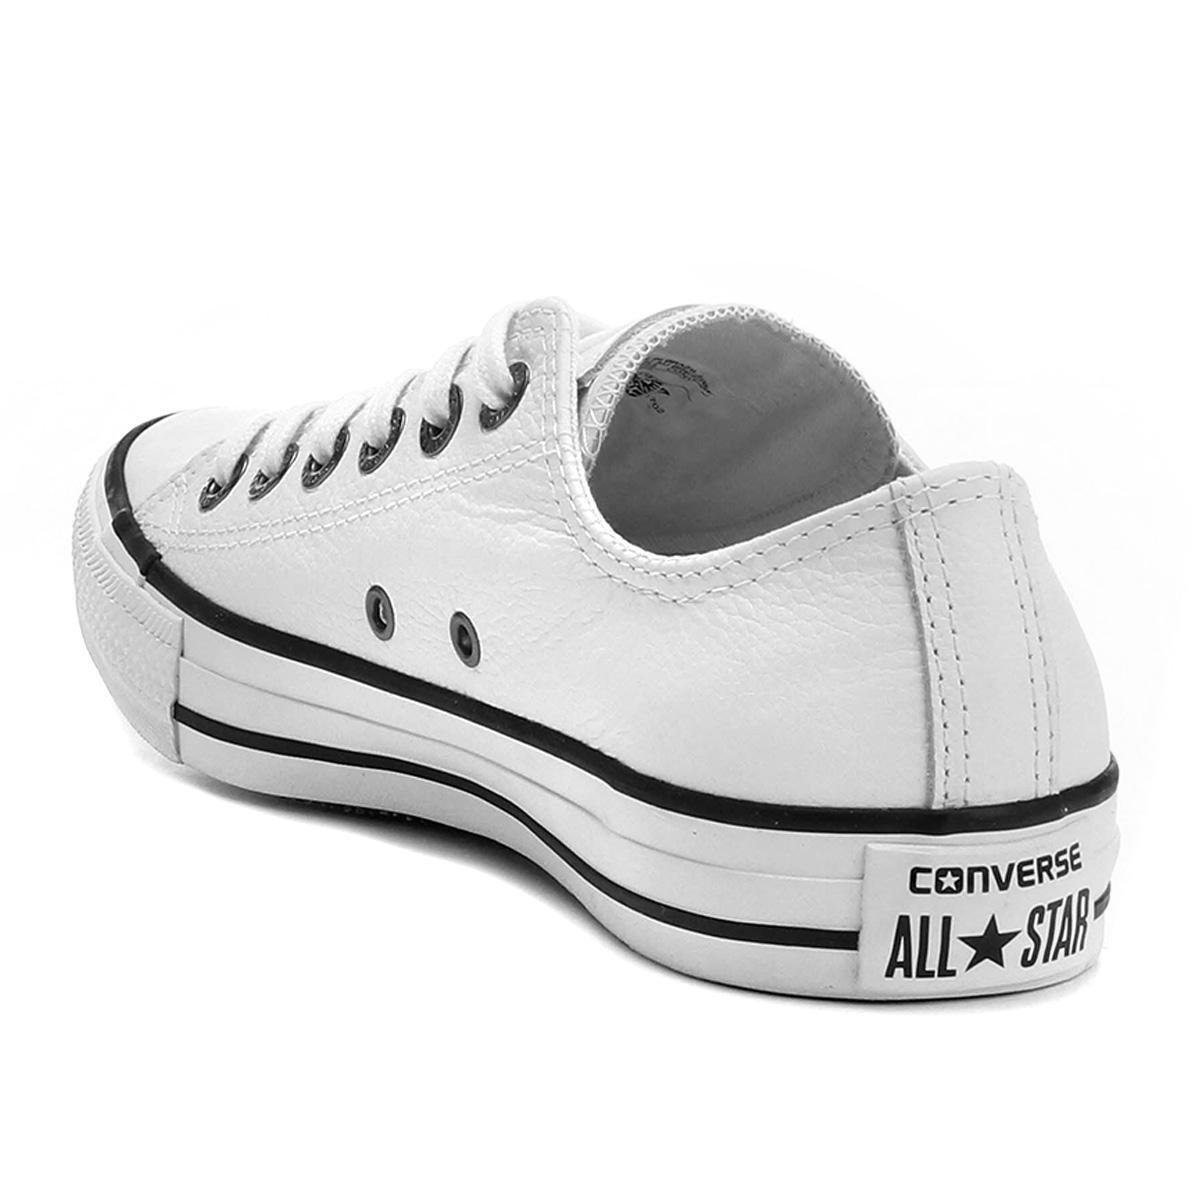 Tênis Converse All Star Chuck Taylor - Branco e Preto - Compre Agora ... 68022624c2106